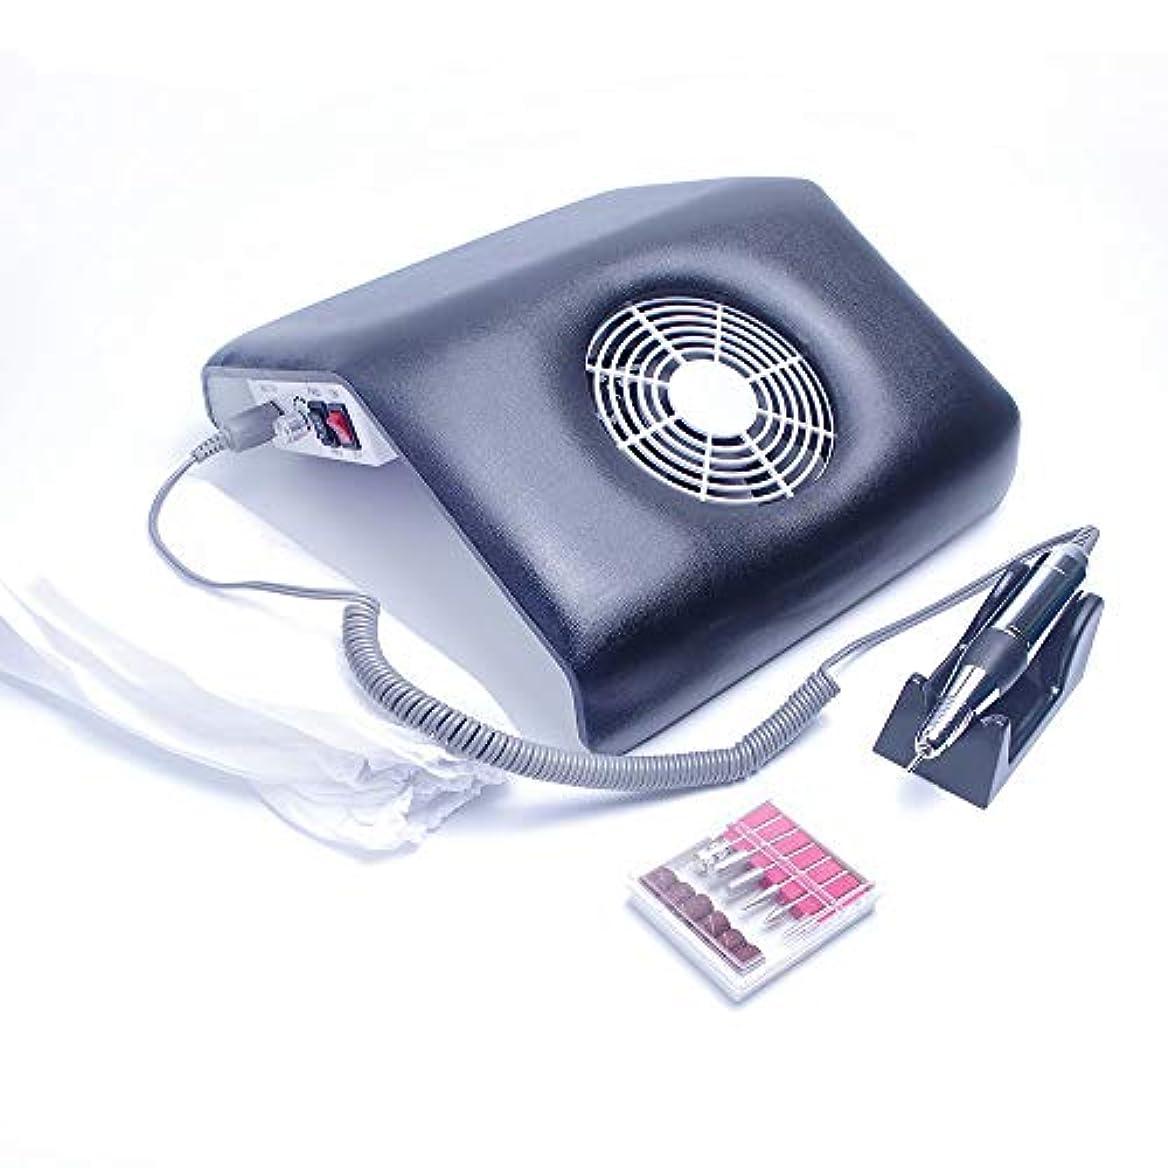 軽蔑する国歌看板集塵機 ネイル ダストコレクター ネイルドリル ネイルマシーン ネイルマシン 電動ネイルファイル 電動ネイルケア ネイルオフ ジェルネイルオフ ジェルオフ セルフネイル